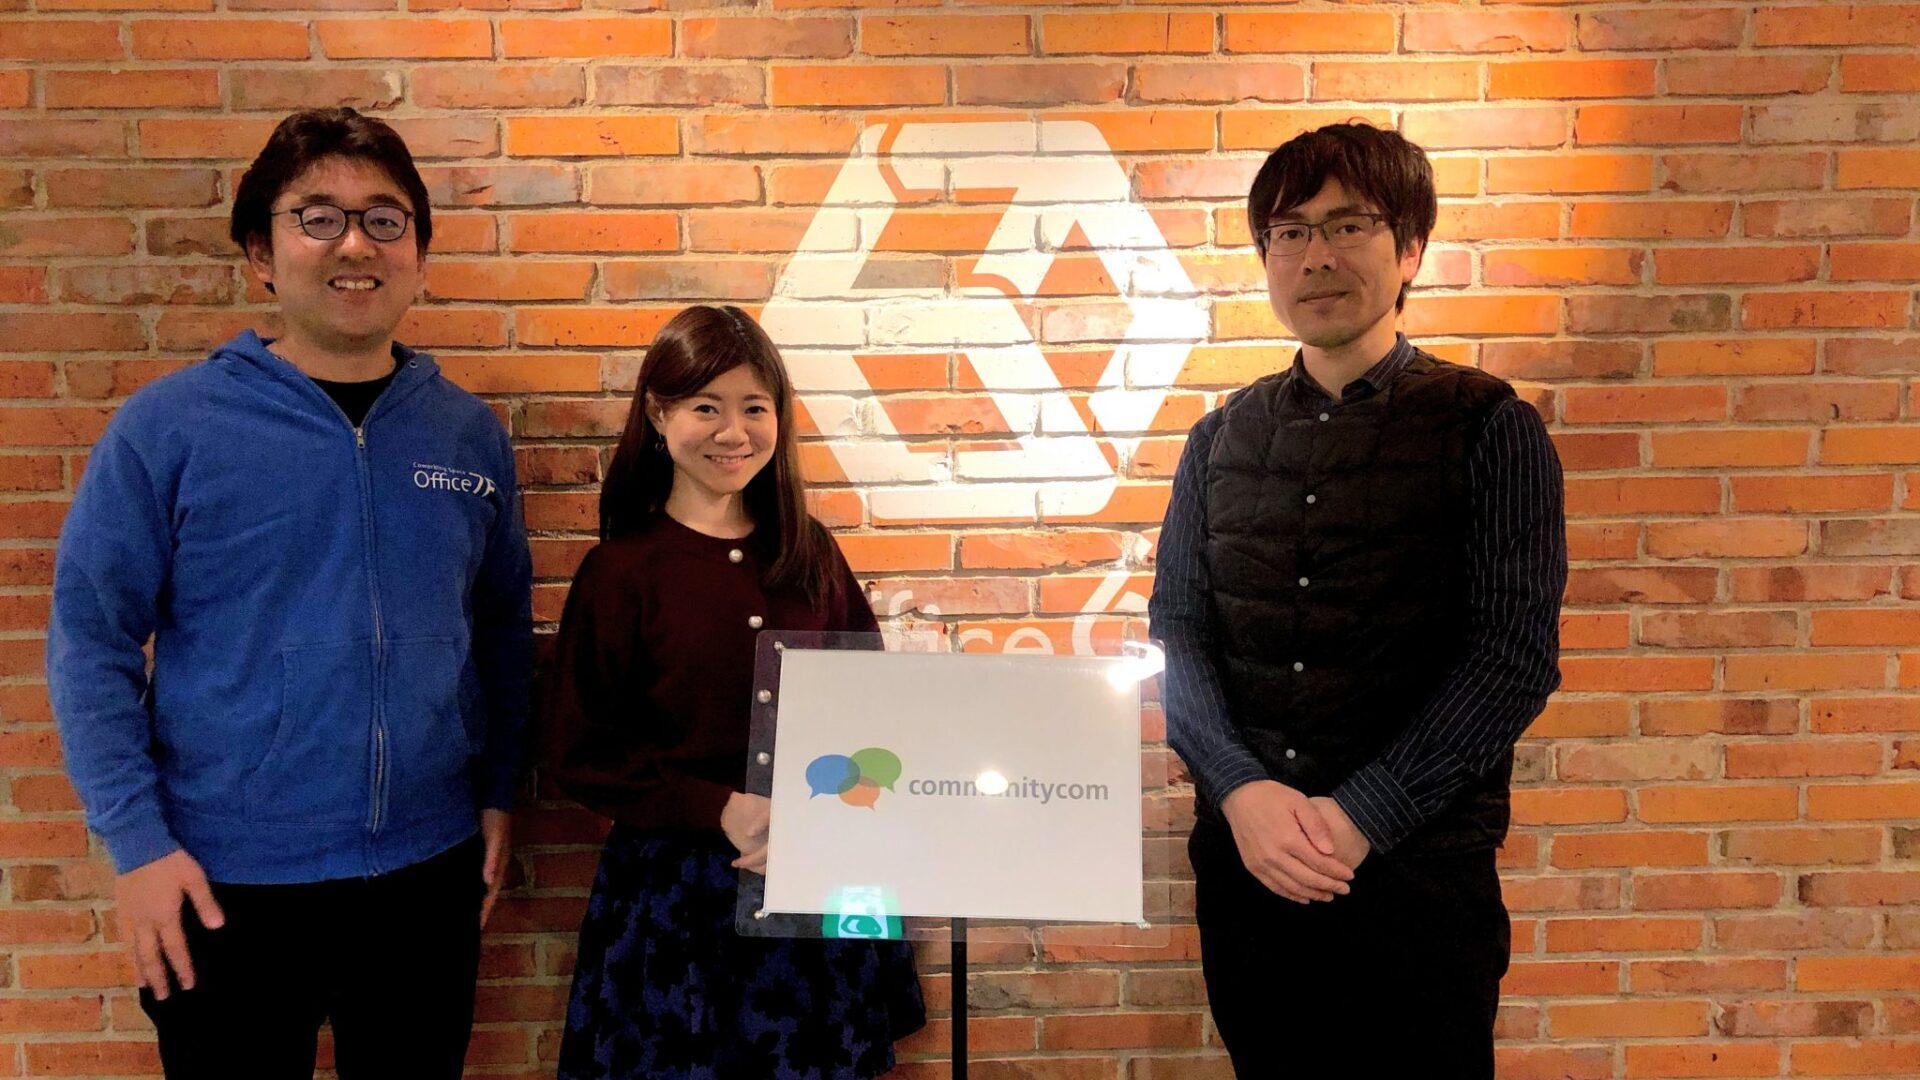 株式会社コミュニティコム代表取締役 星野邦敏様と同社 ディレクター・マネージャー 相澤奏恵様